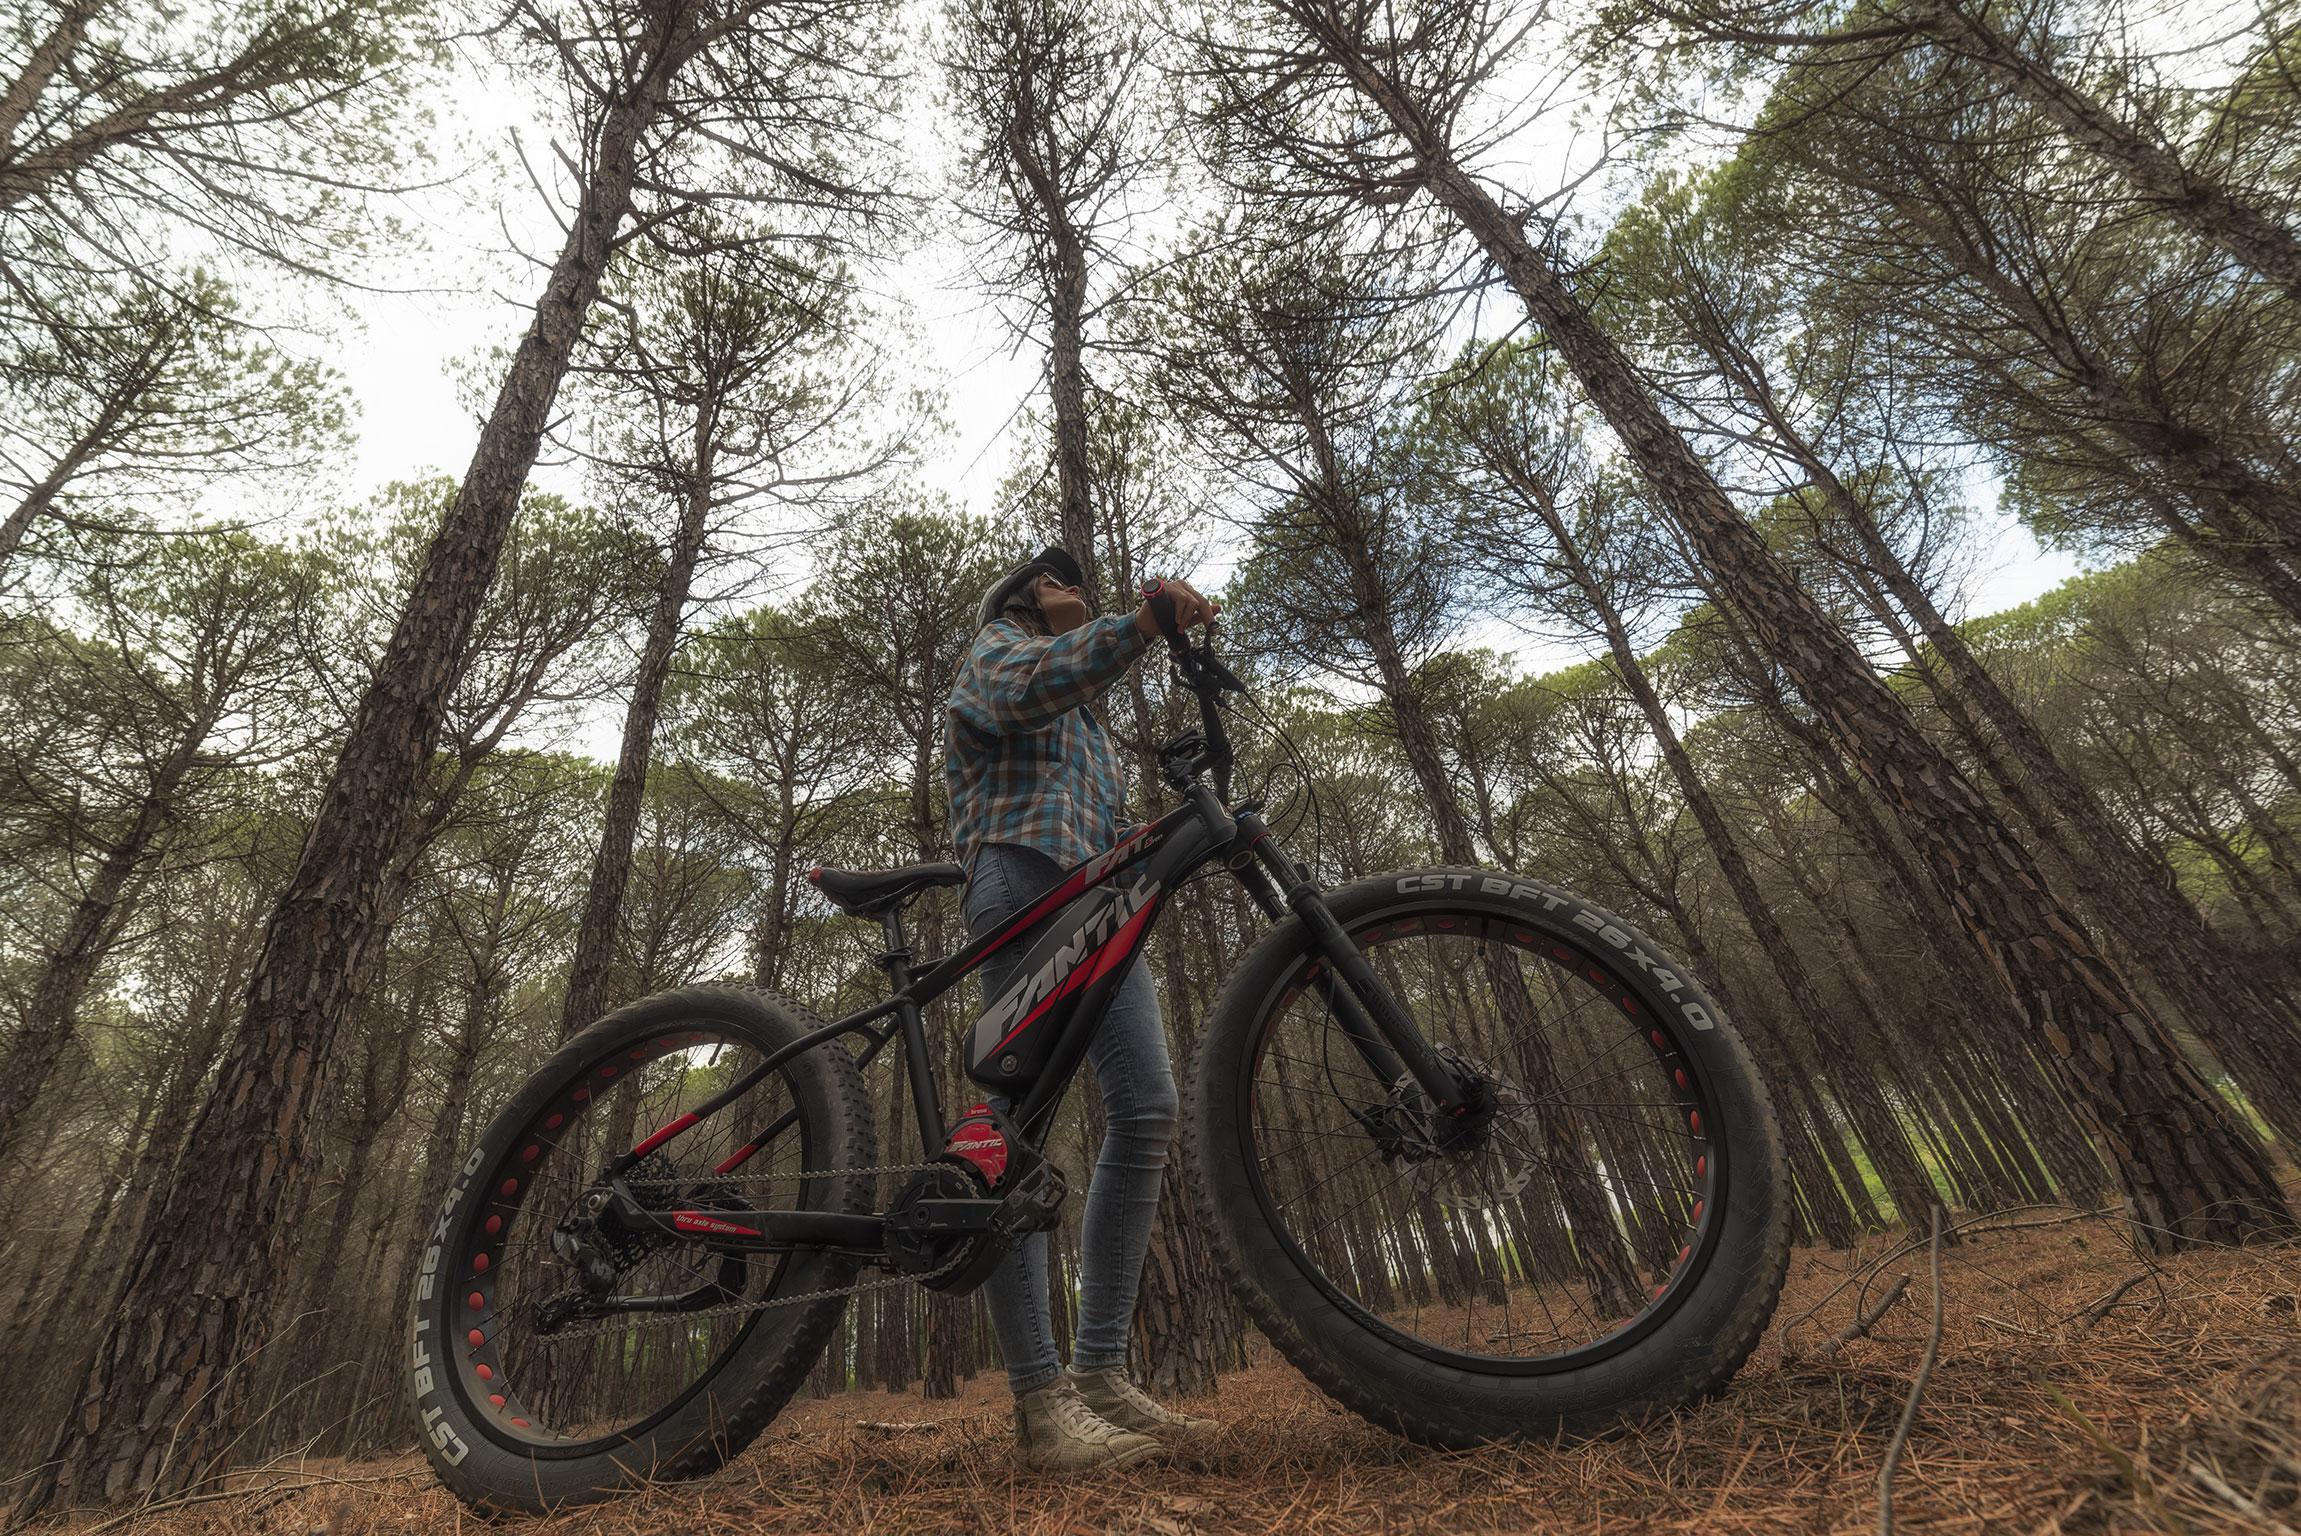 Turismo esperienziale in Calabria: andare in e-bike sulla Piana di Sibari